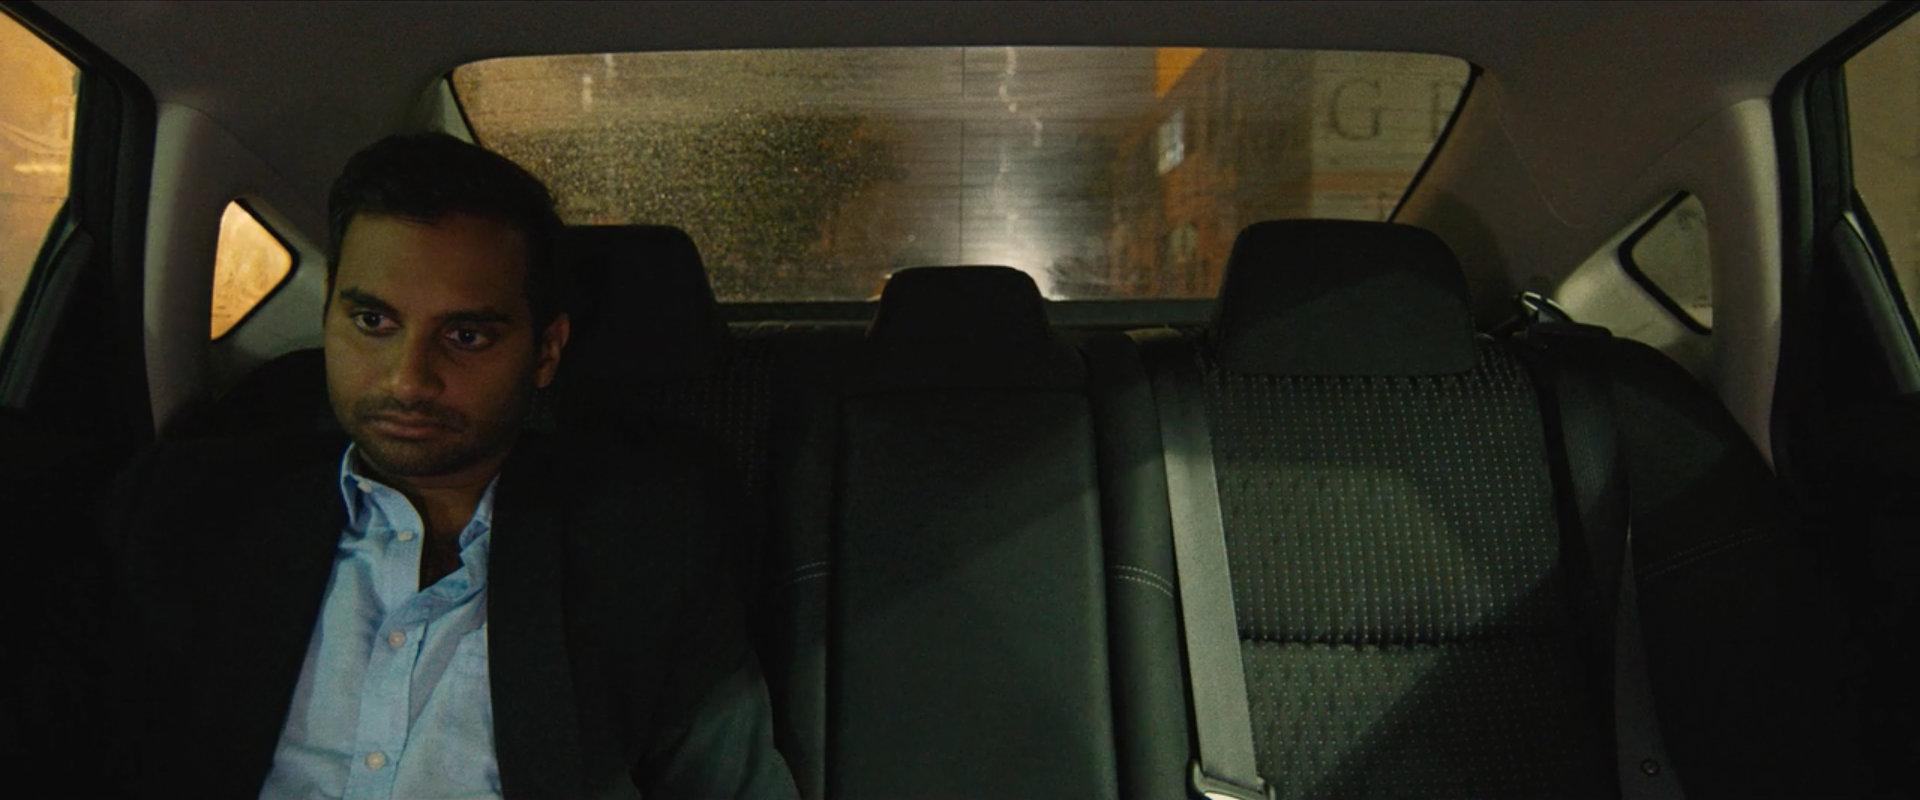 Master of None - scena w Taxi